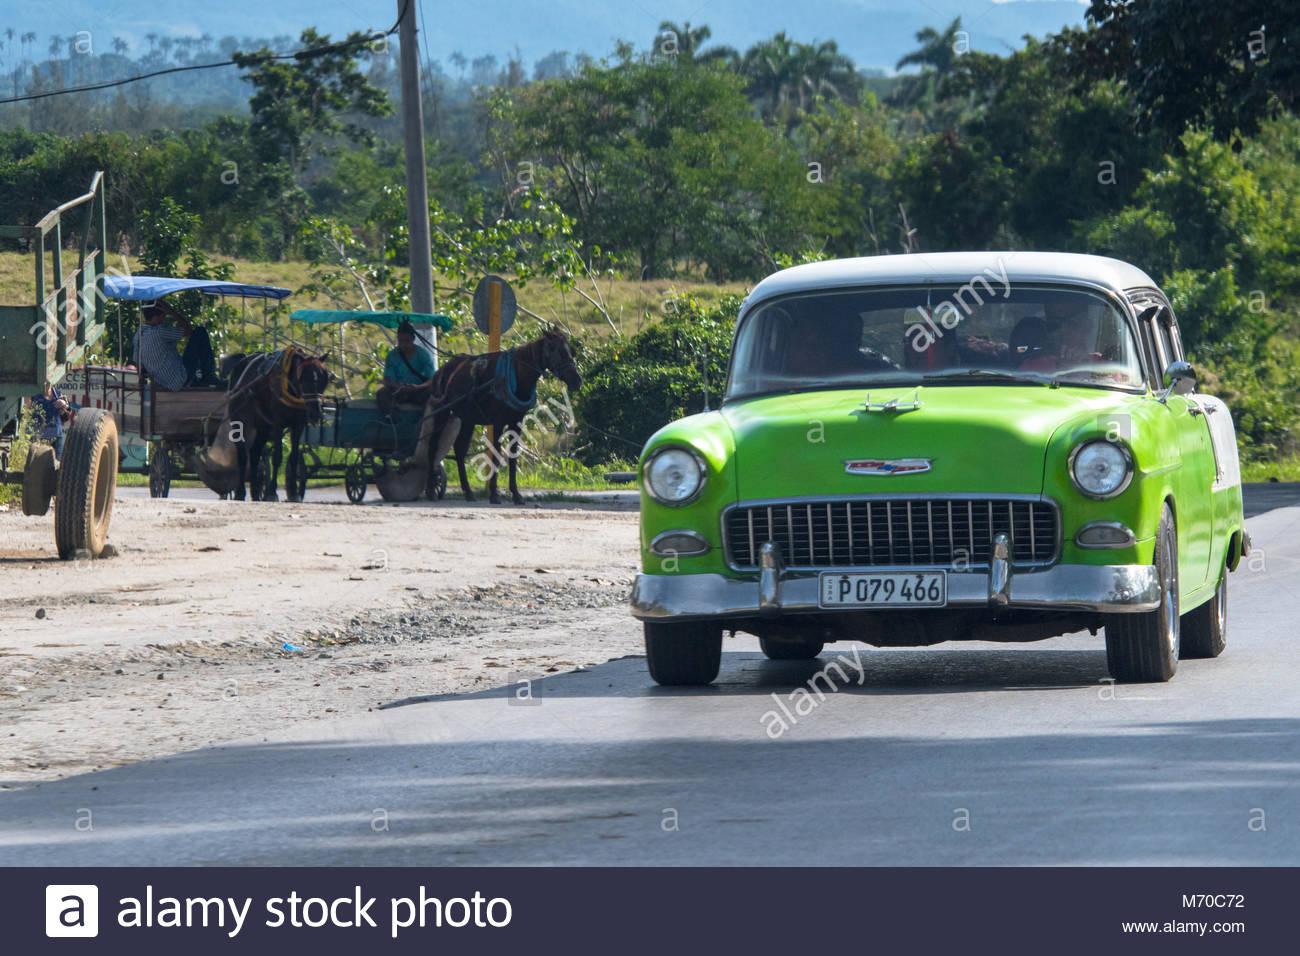 Villa Clara Cuba January 1 2018 Old Vintage American Cars Still